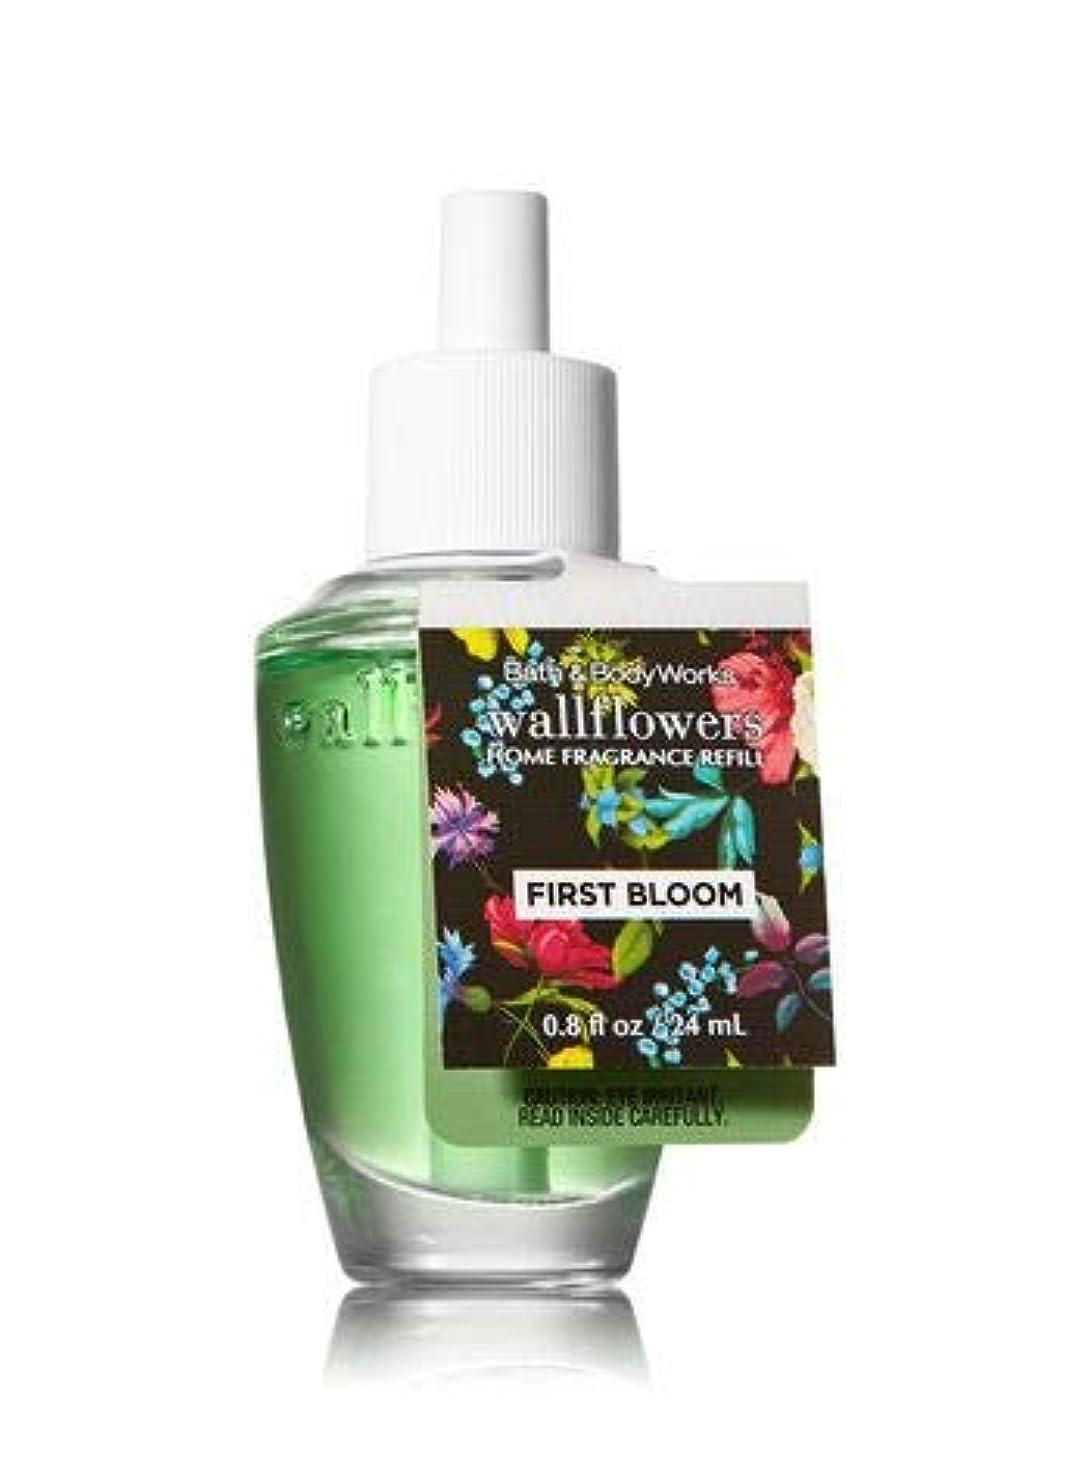 倫理的用量私の【Bath&Body Works/バス&ボディワークス】 ルームフレグランス 詰替えリフィル ファーストブルーム Wallflowers Home Fragrance Refill First Bloom [並行輸入品]